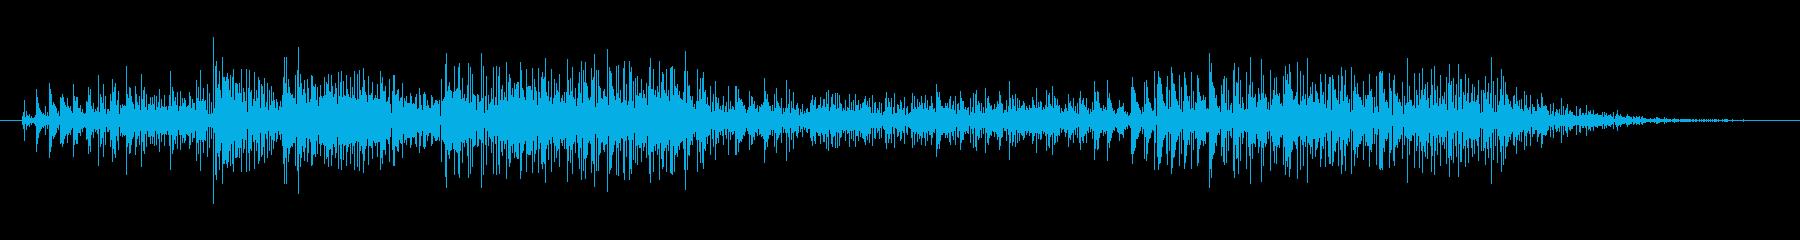 ノイズ スカットル01の再生済みの波形